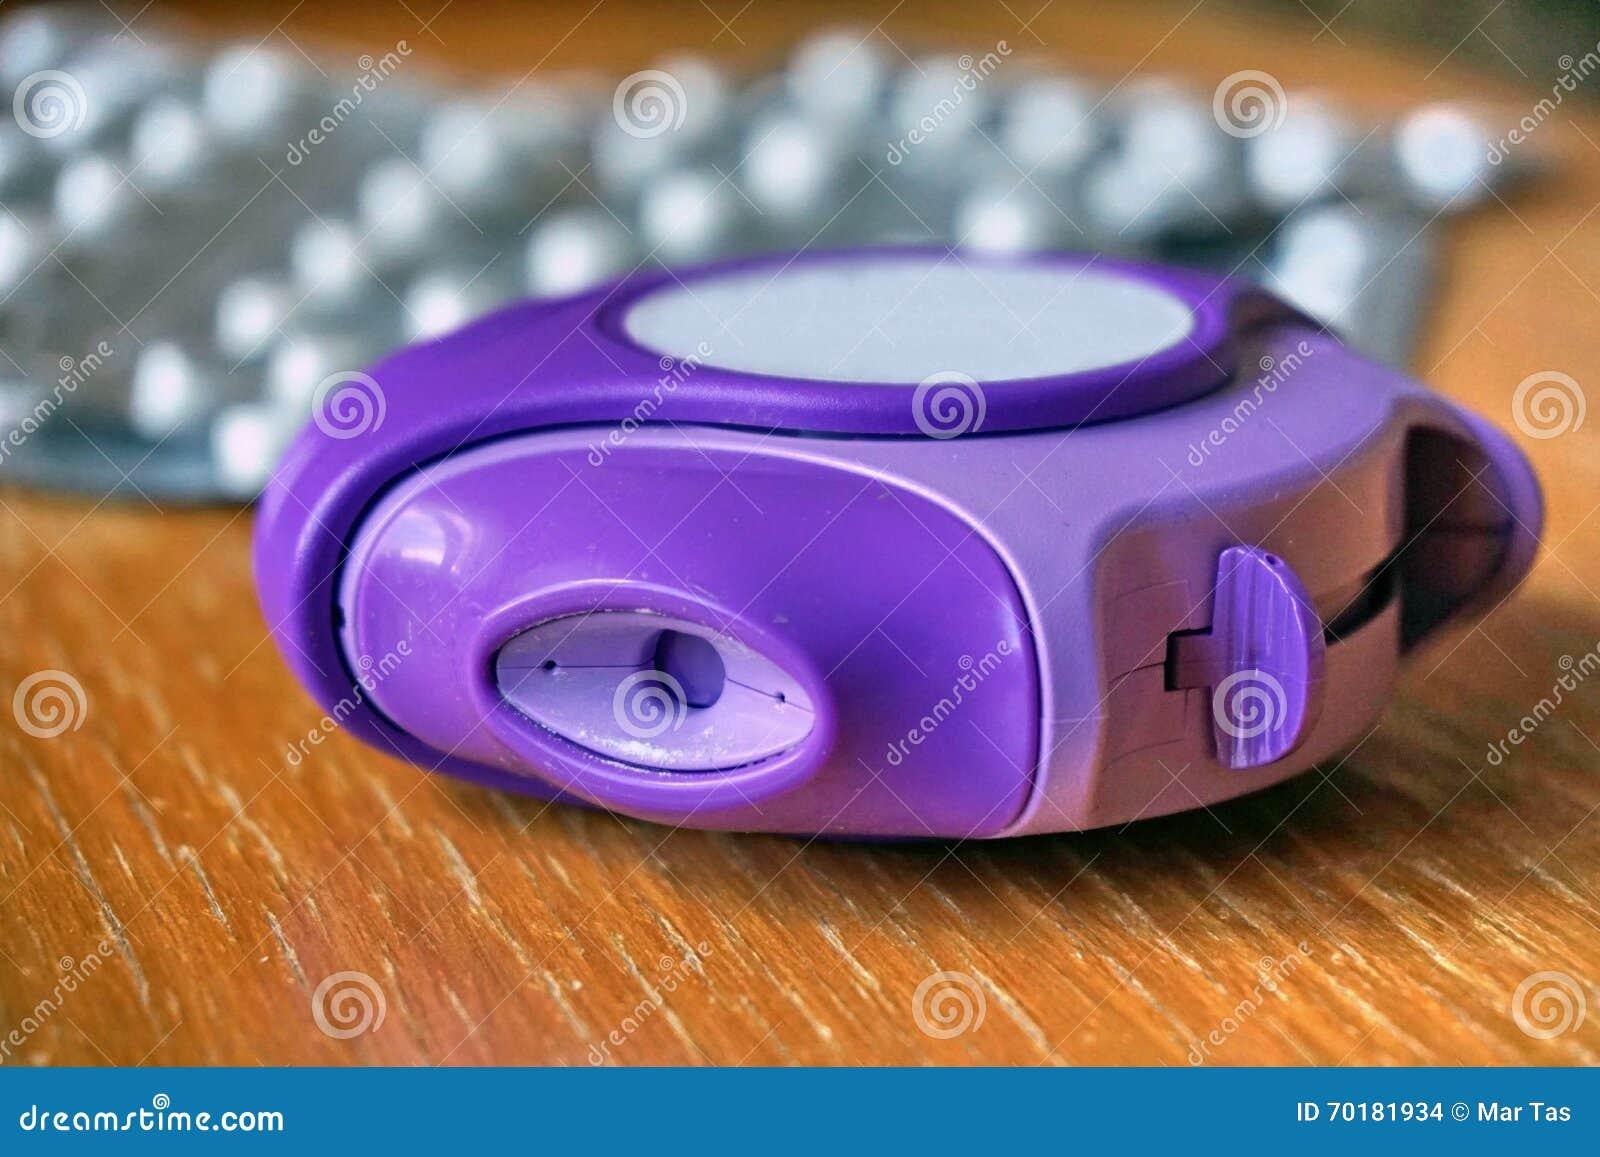 过敏吸入器用于减少在蓝色和紫罗兰色颜色的过敏和哮喘反应